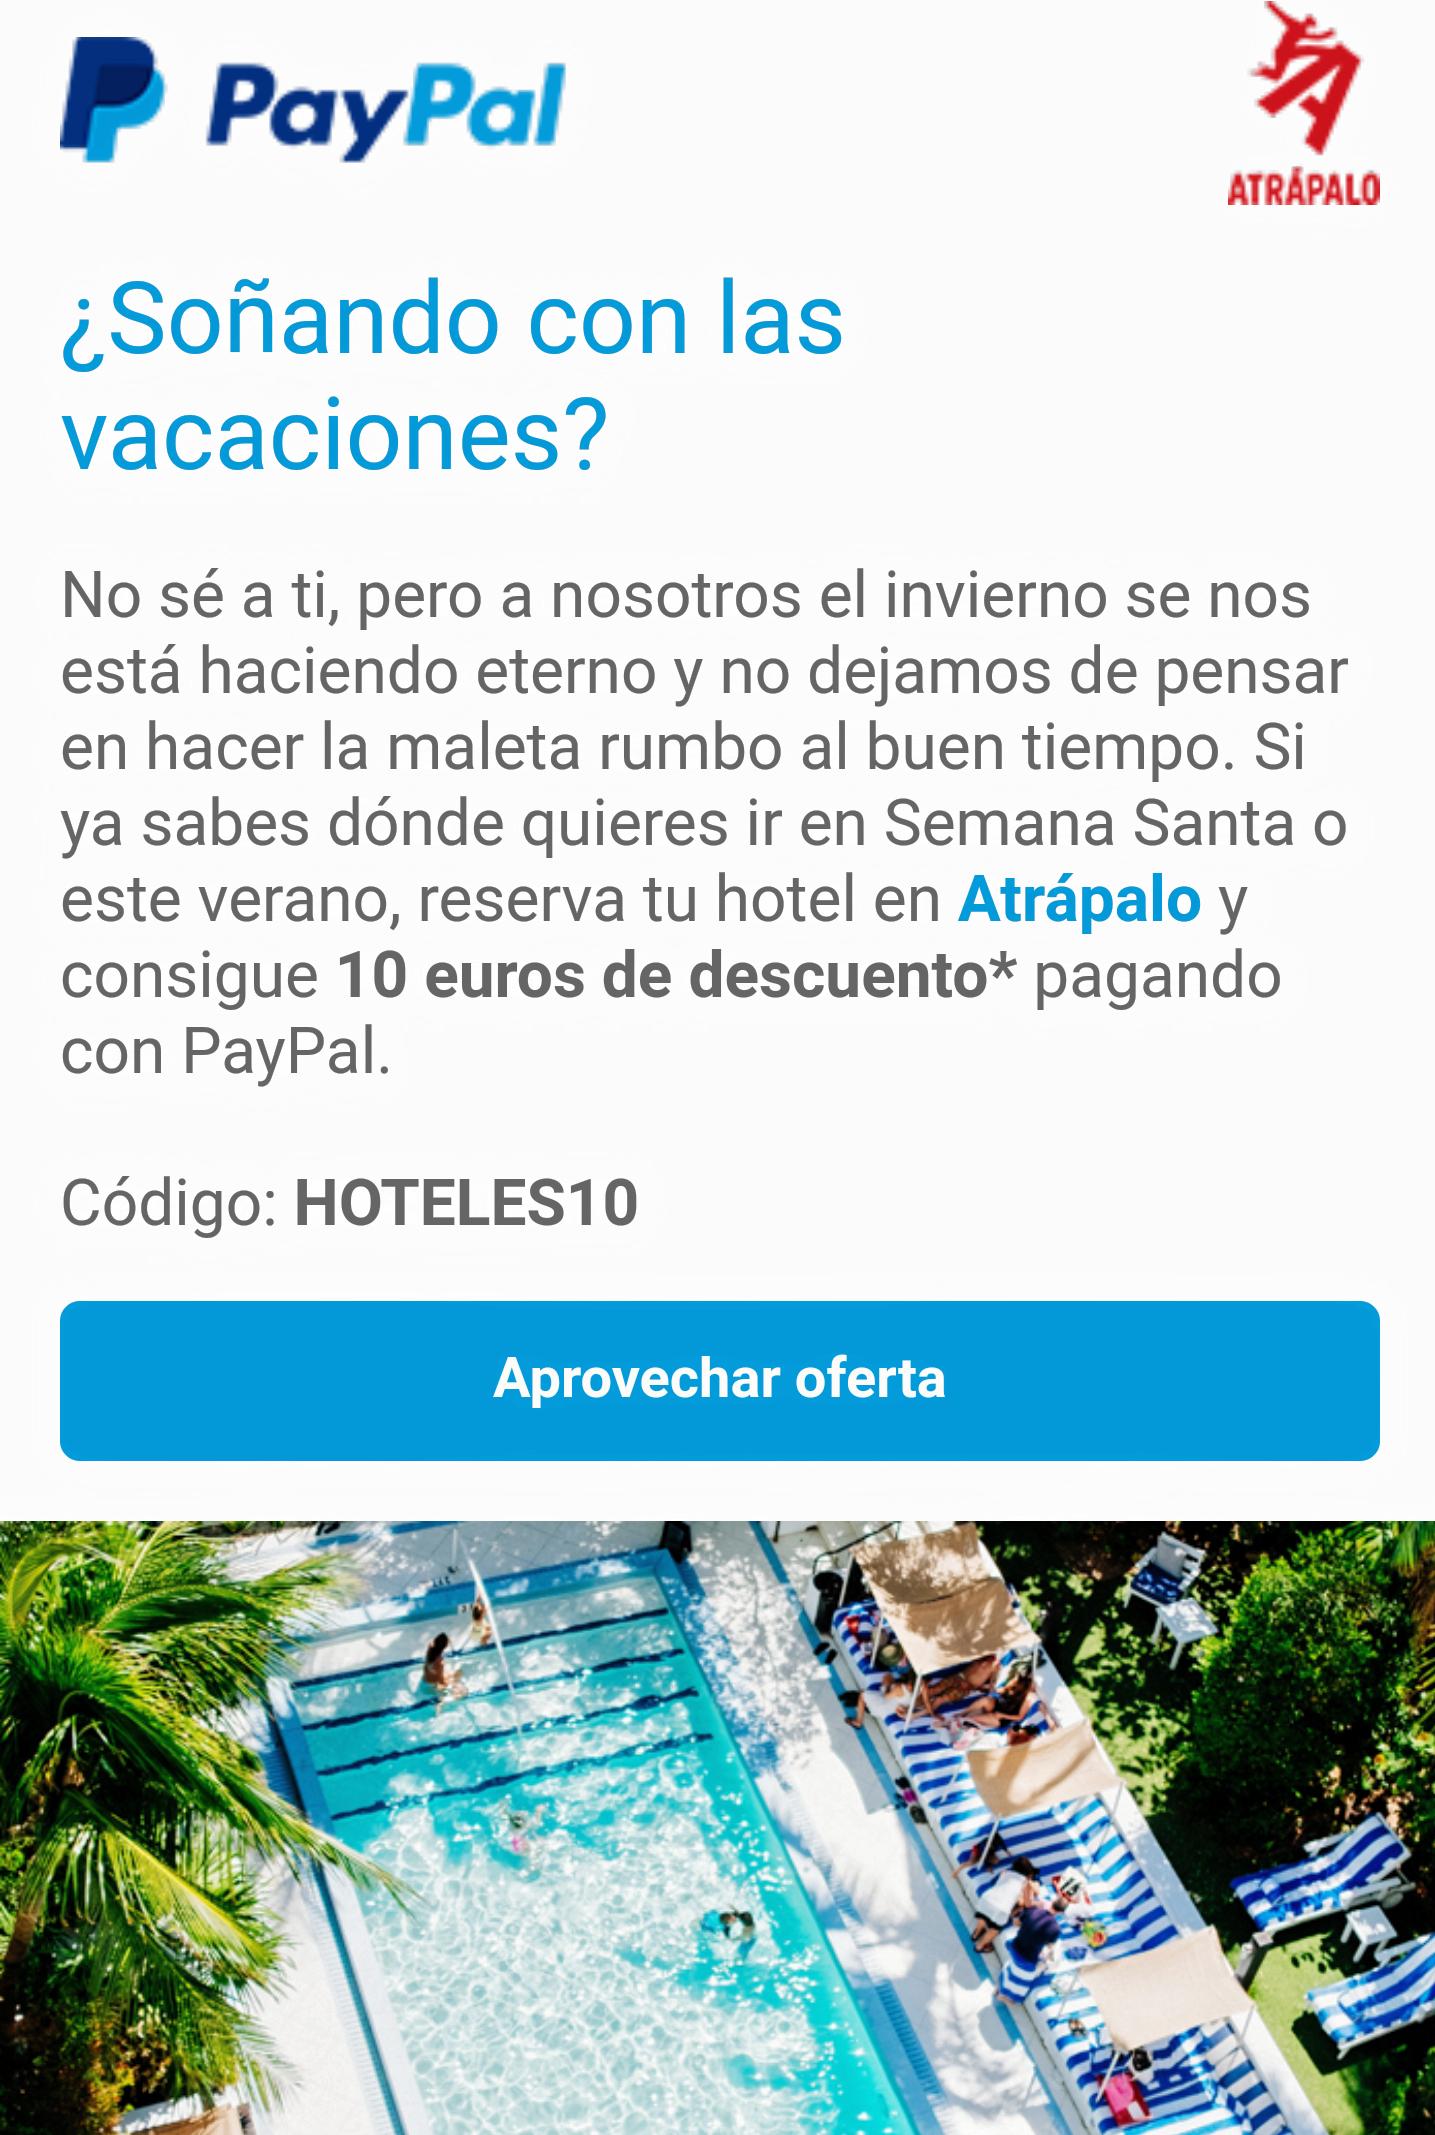 10€ descuento por pagar con PAYPAL en AtrapalO